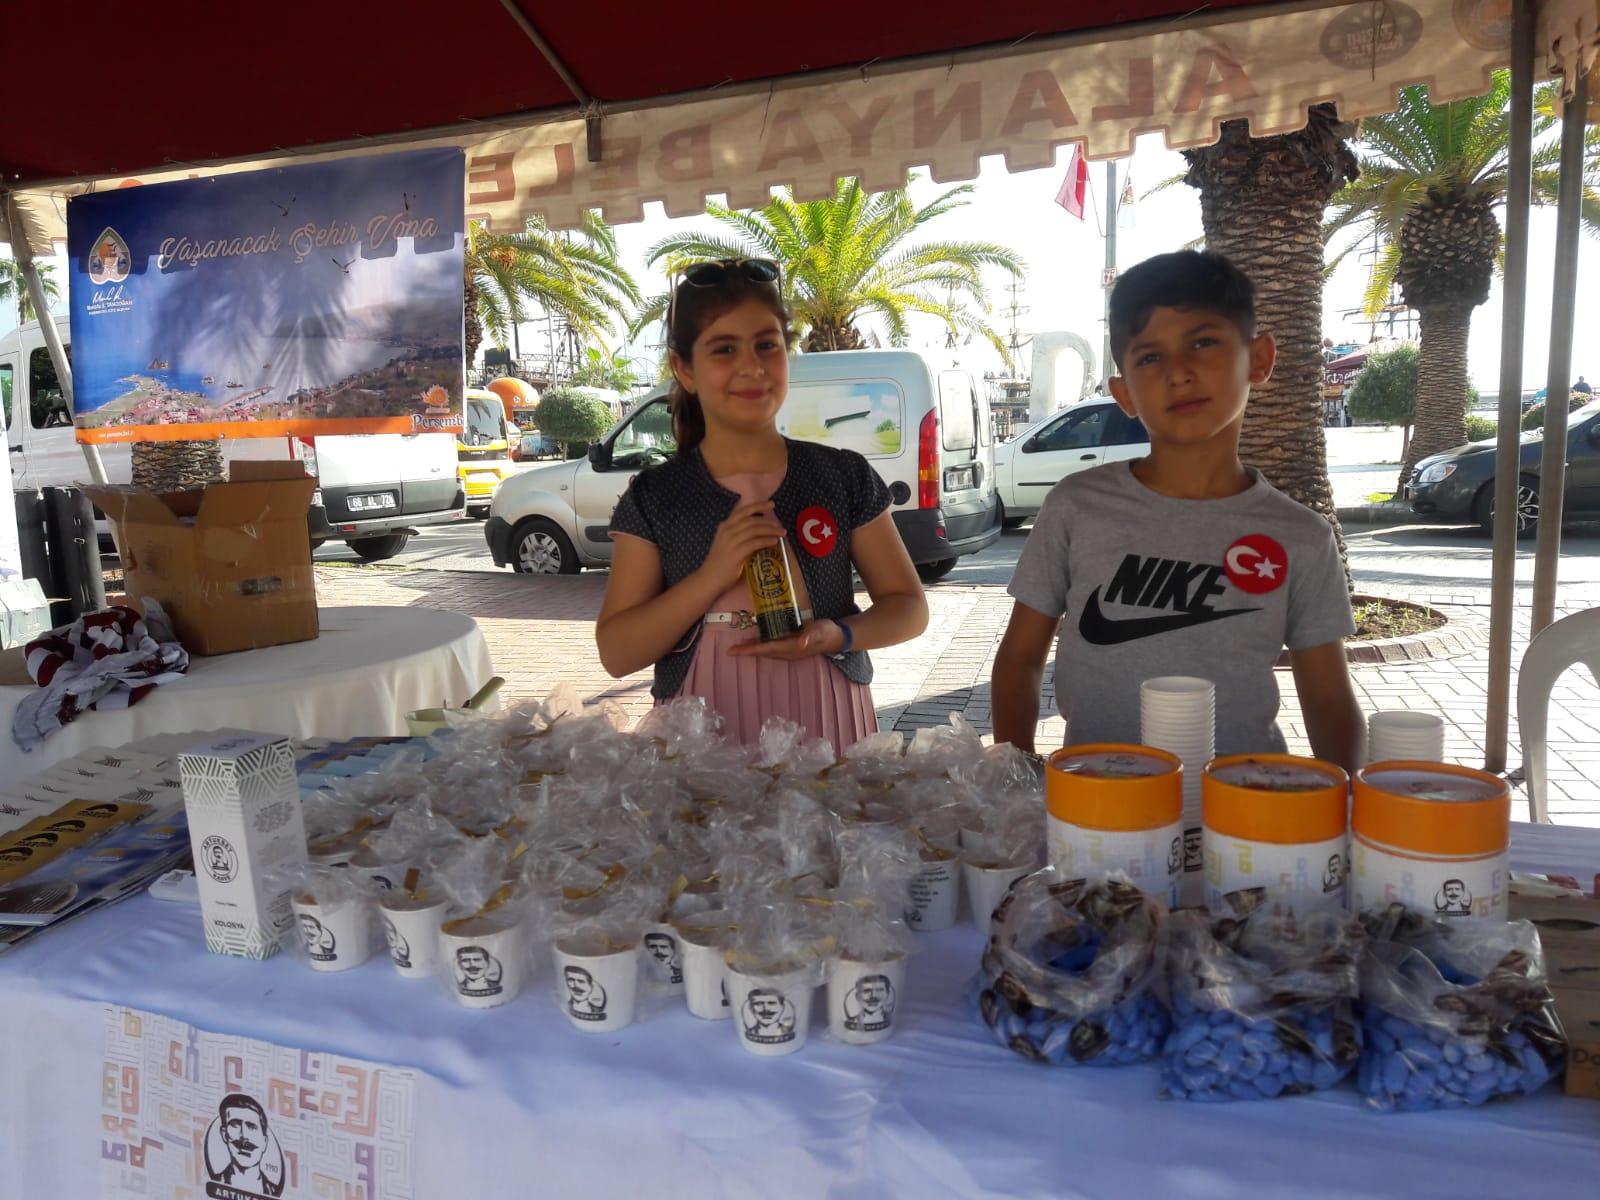 Mardin'in yöresel ürünleri festivalde tanıtıldı